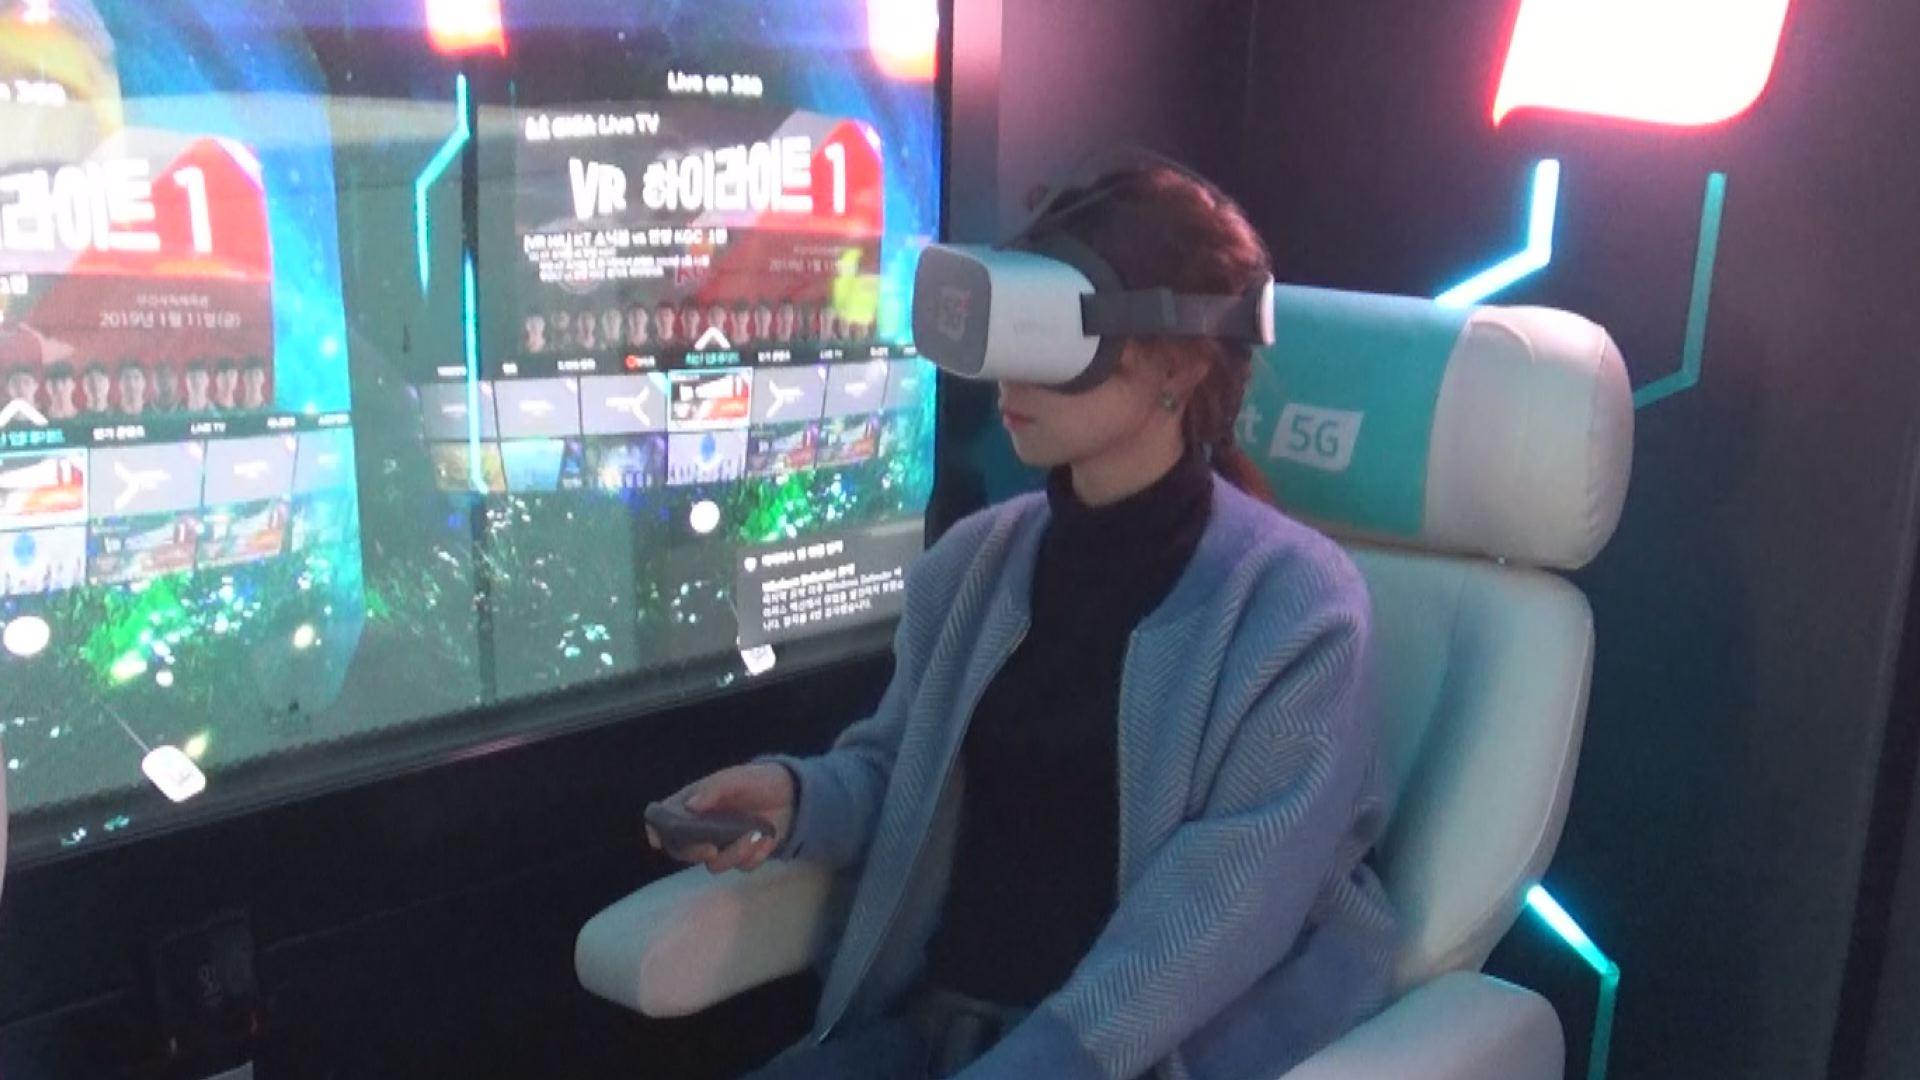 '미래를 달린다' 5G버스에 펼쳐진 가상현실